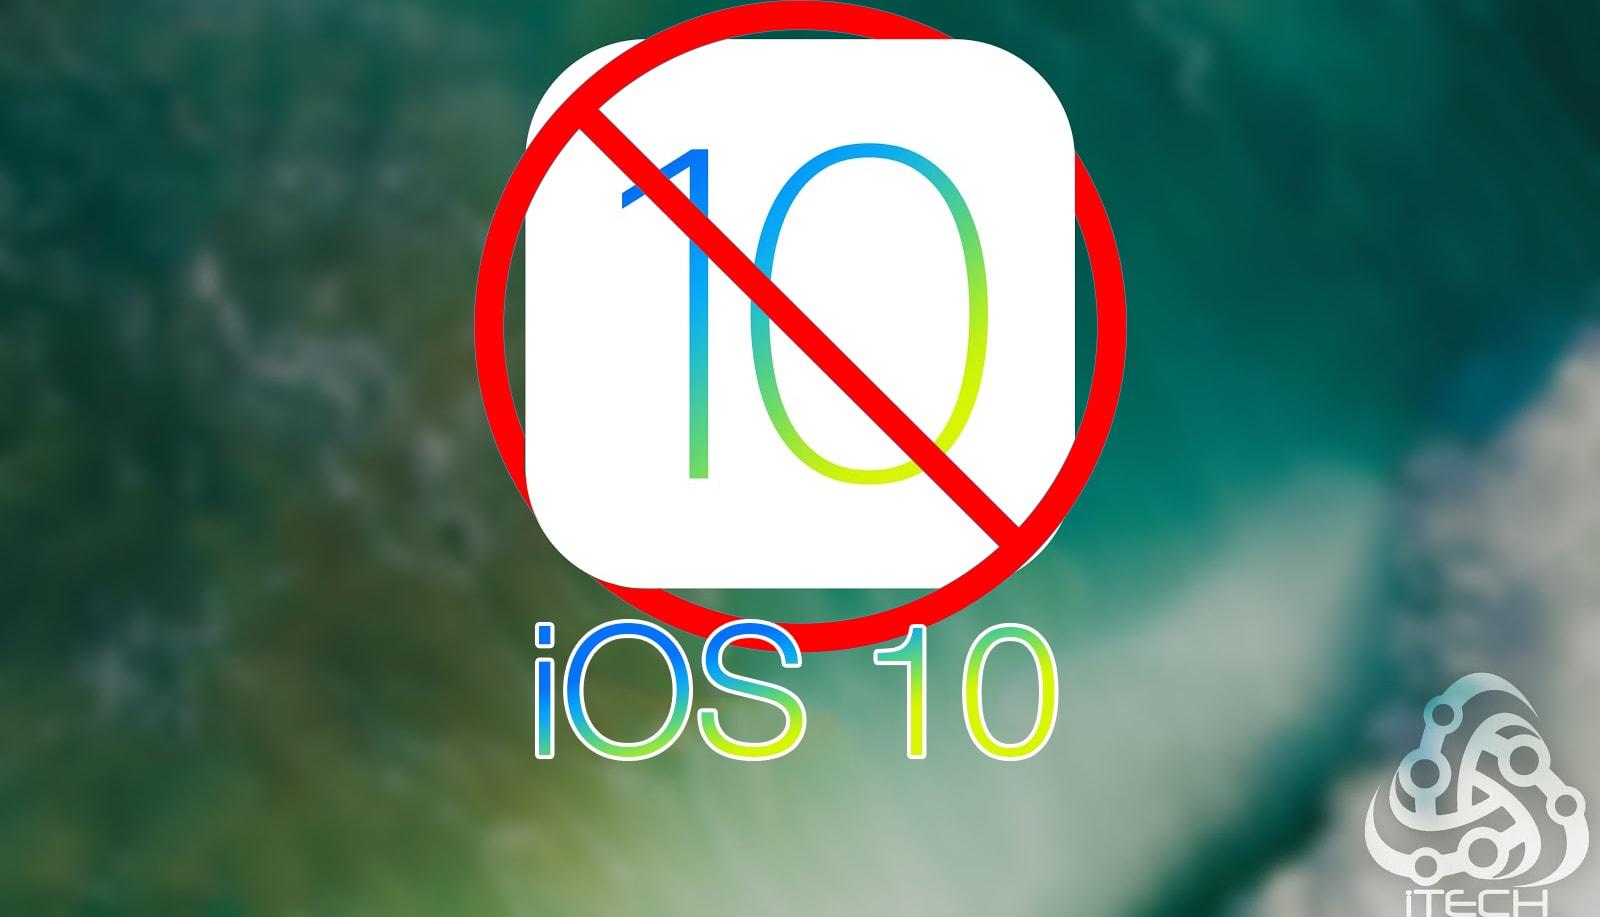 iOS 10 يتسبب بتوقف اجهزة الايفون والايباد بعد التحديث